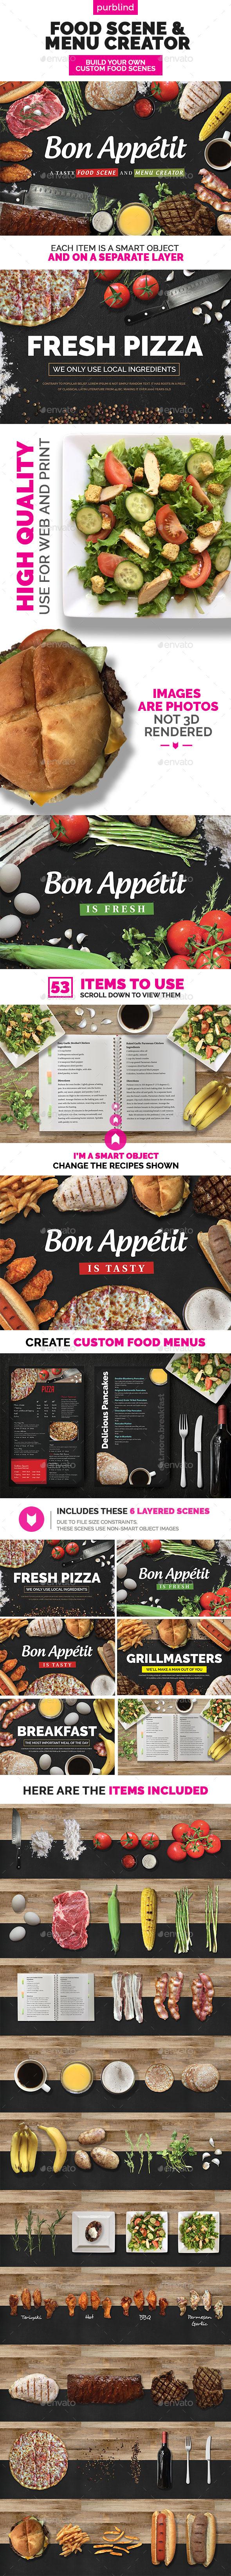 GraphicRiver Food Scene Menu Creator Bon Appetit 11585332